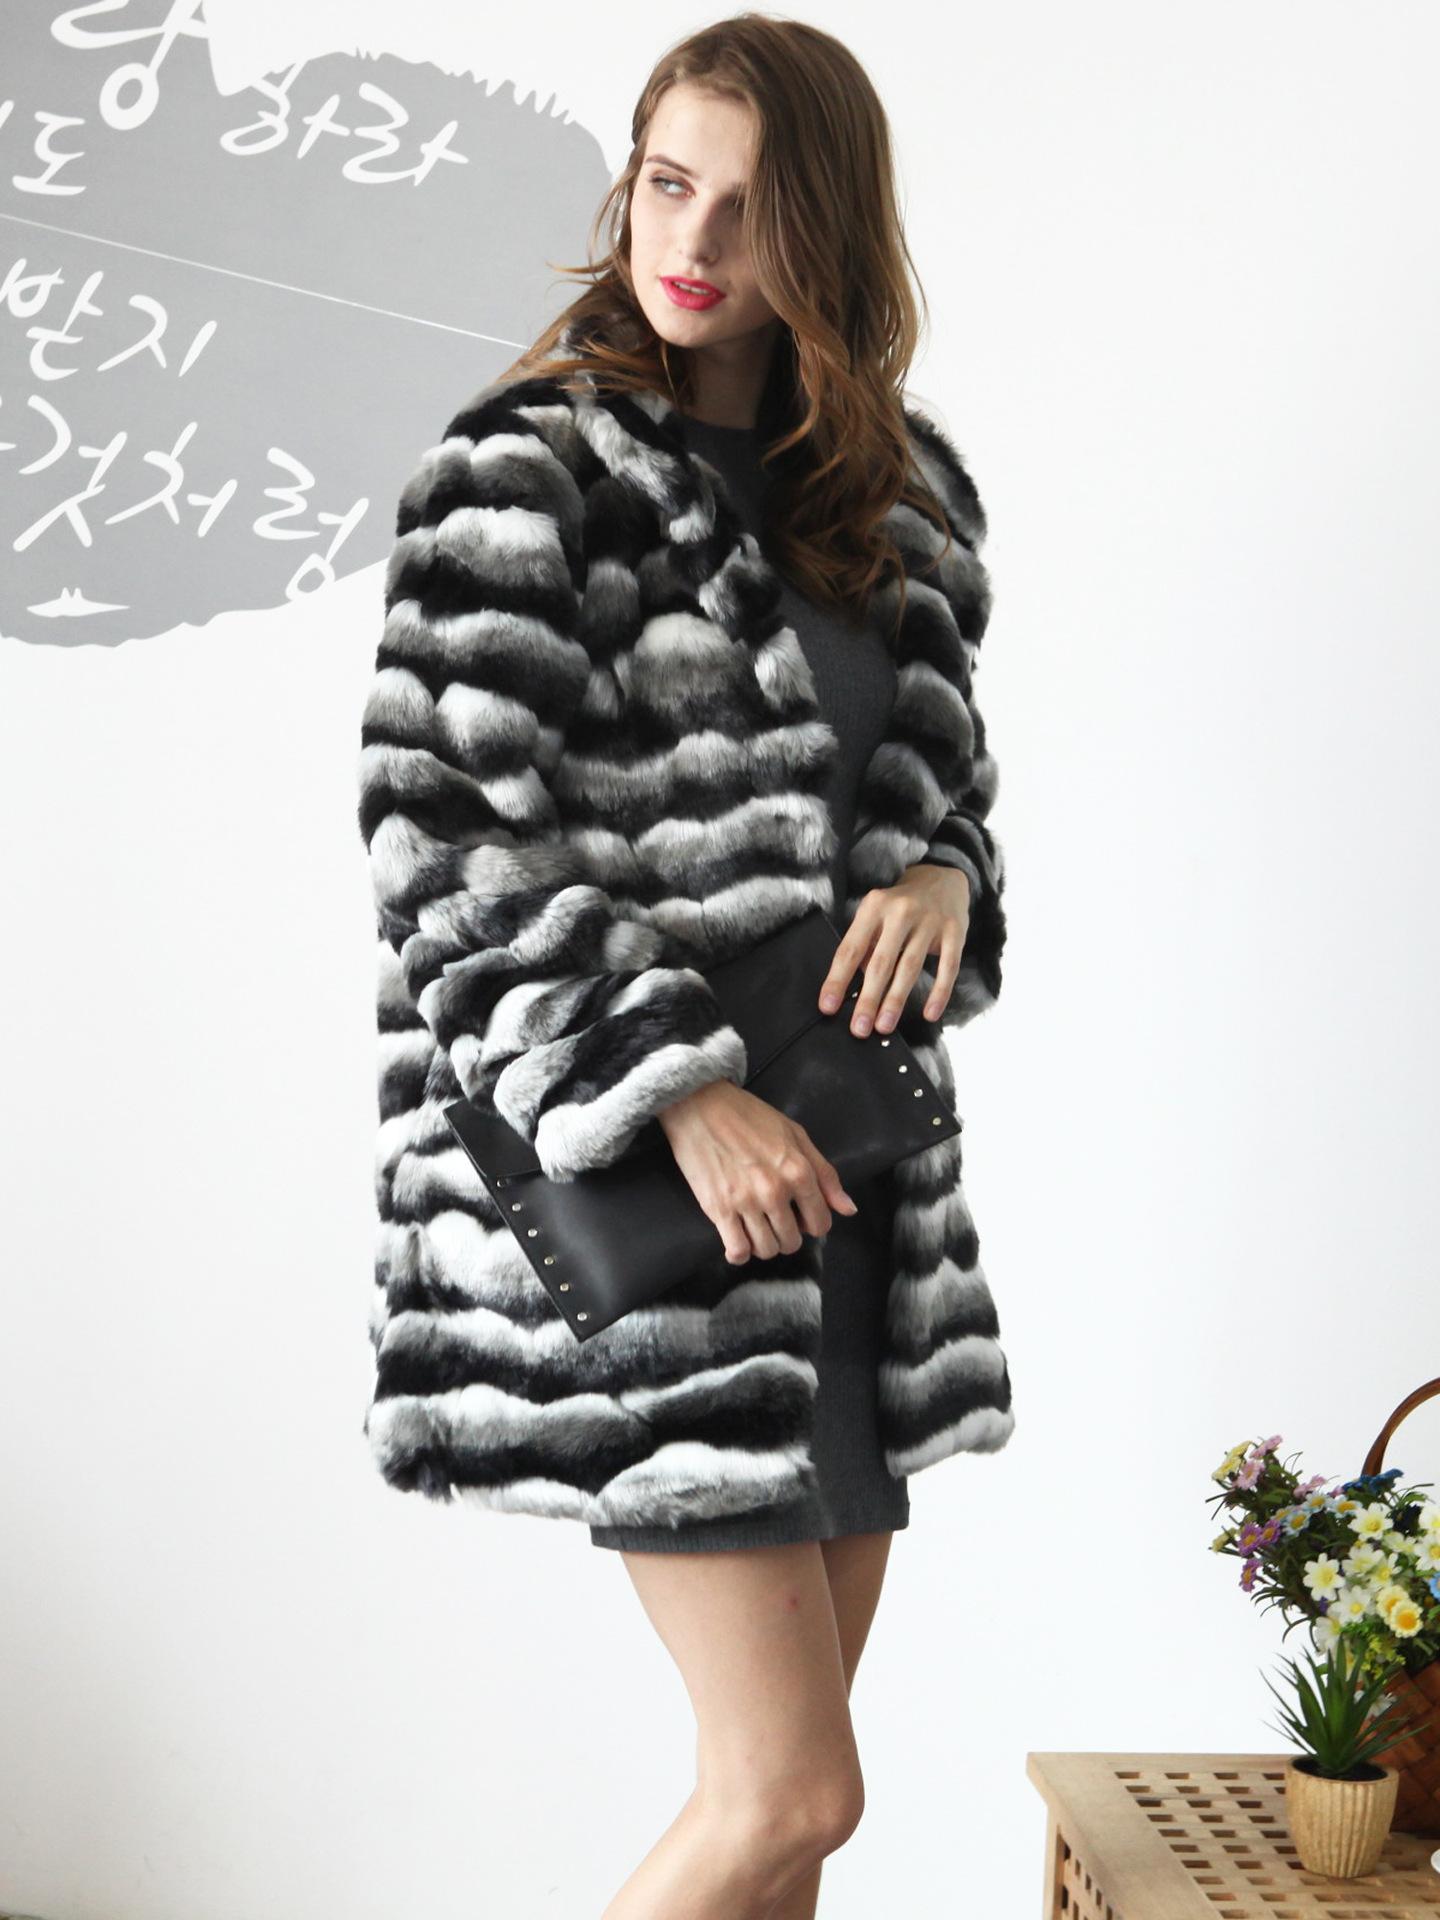 86052c2ceaf8 Großhandel Womens Losen Faux Pelz Kurze Outwear Jacke Flauschigen Pelz  Weiche Feste Faux Pelz Jacke Mäntel Winter Weibliche Beiläufige Kurze Warme  Mantel ...